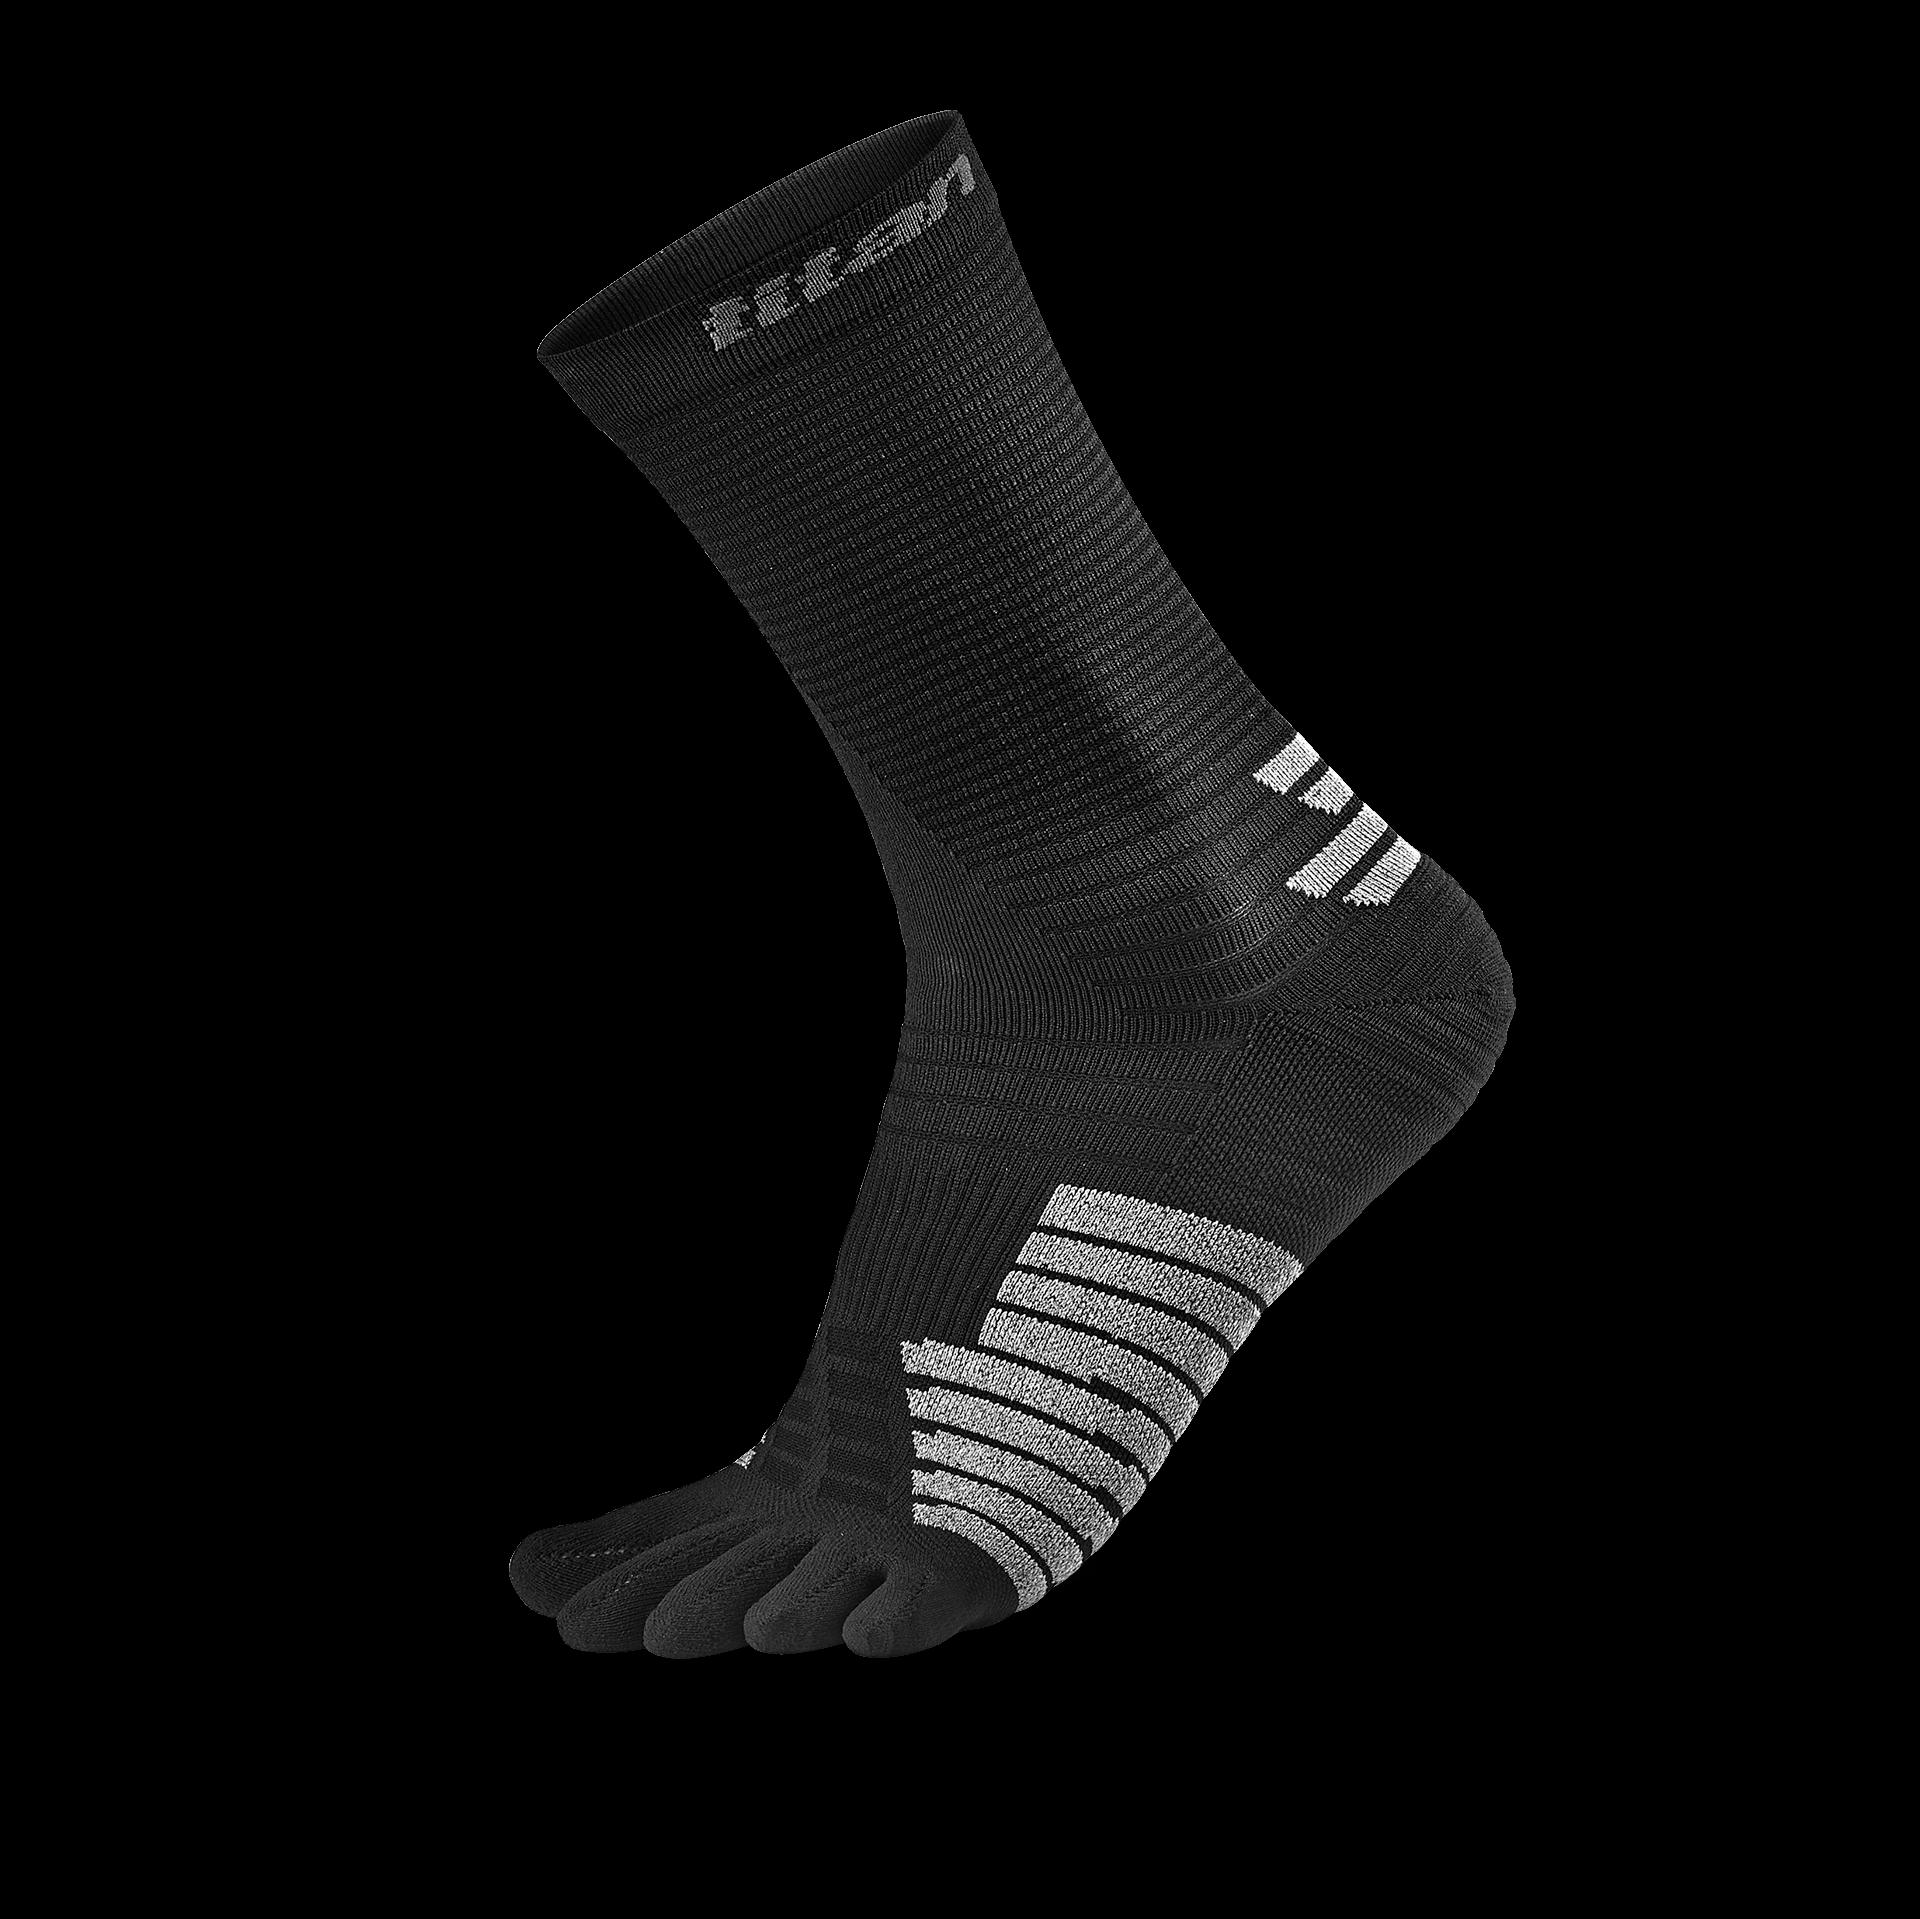 五趾薄型跑襪 中筒